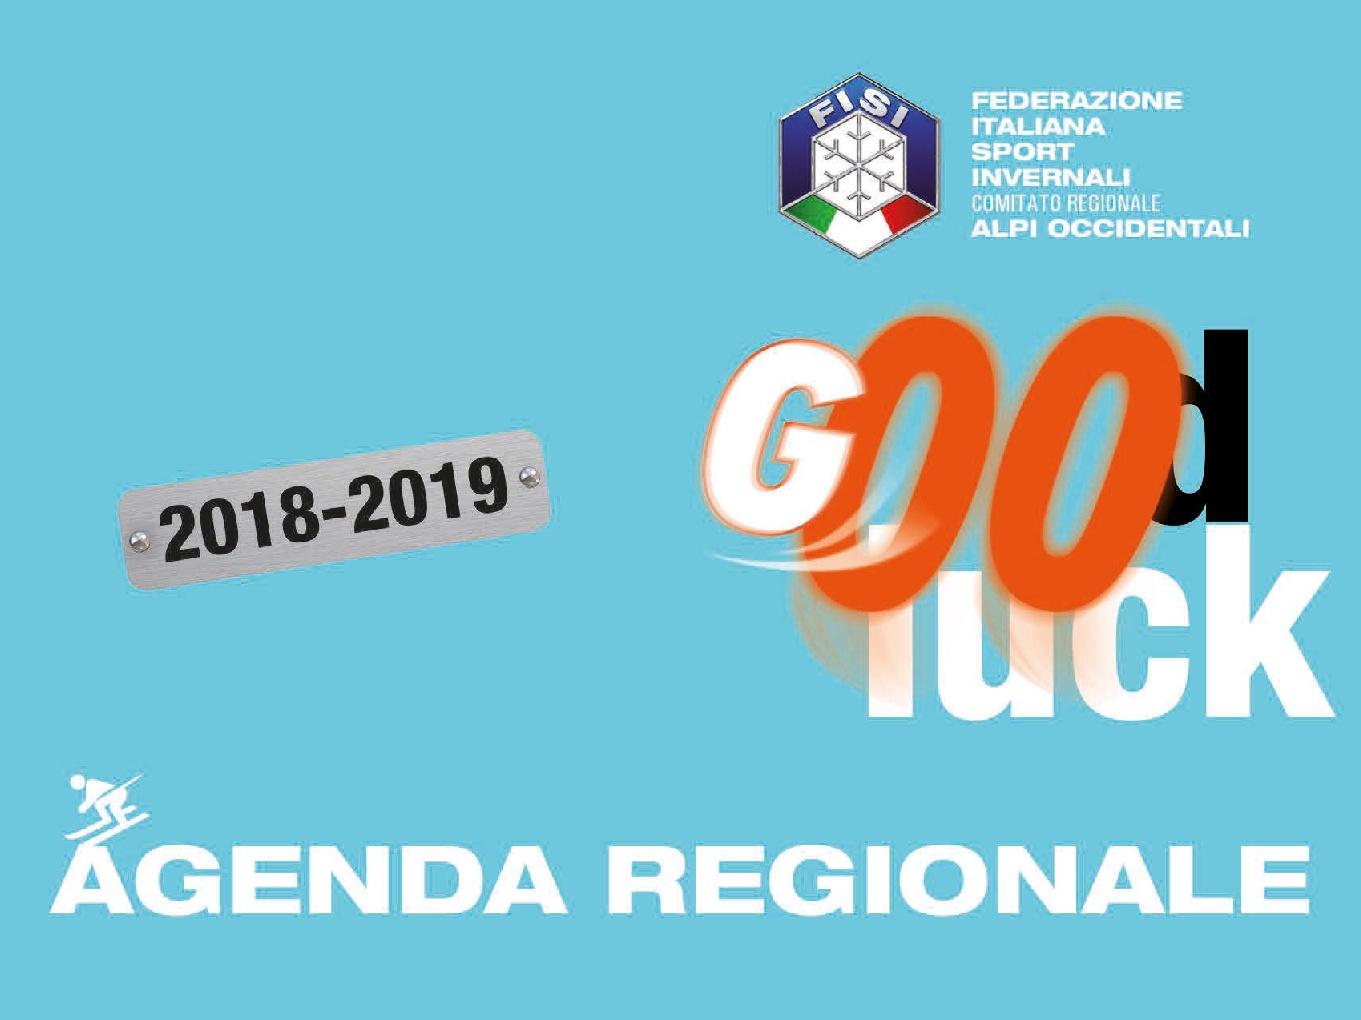 Fisi Aoc Calendario Gare.Fisi Aoc Pubblicata L Agenda Regionale Aoc 2018 2019